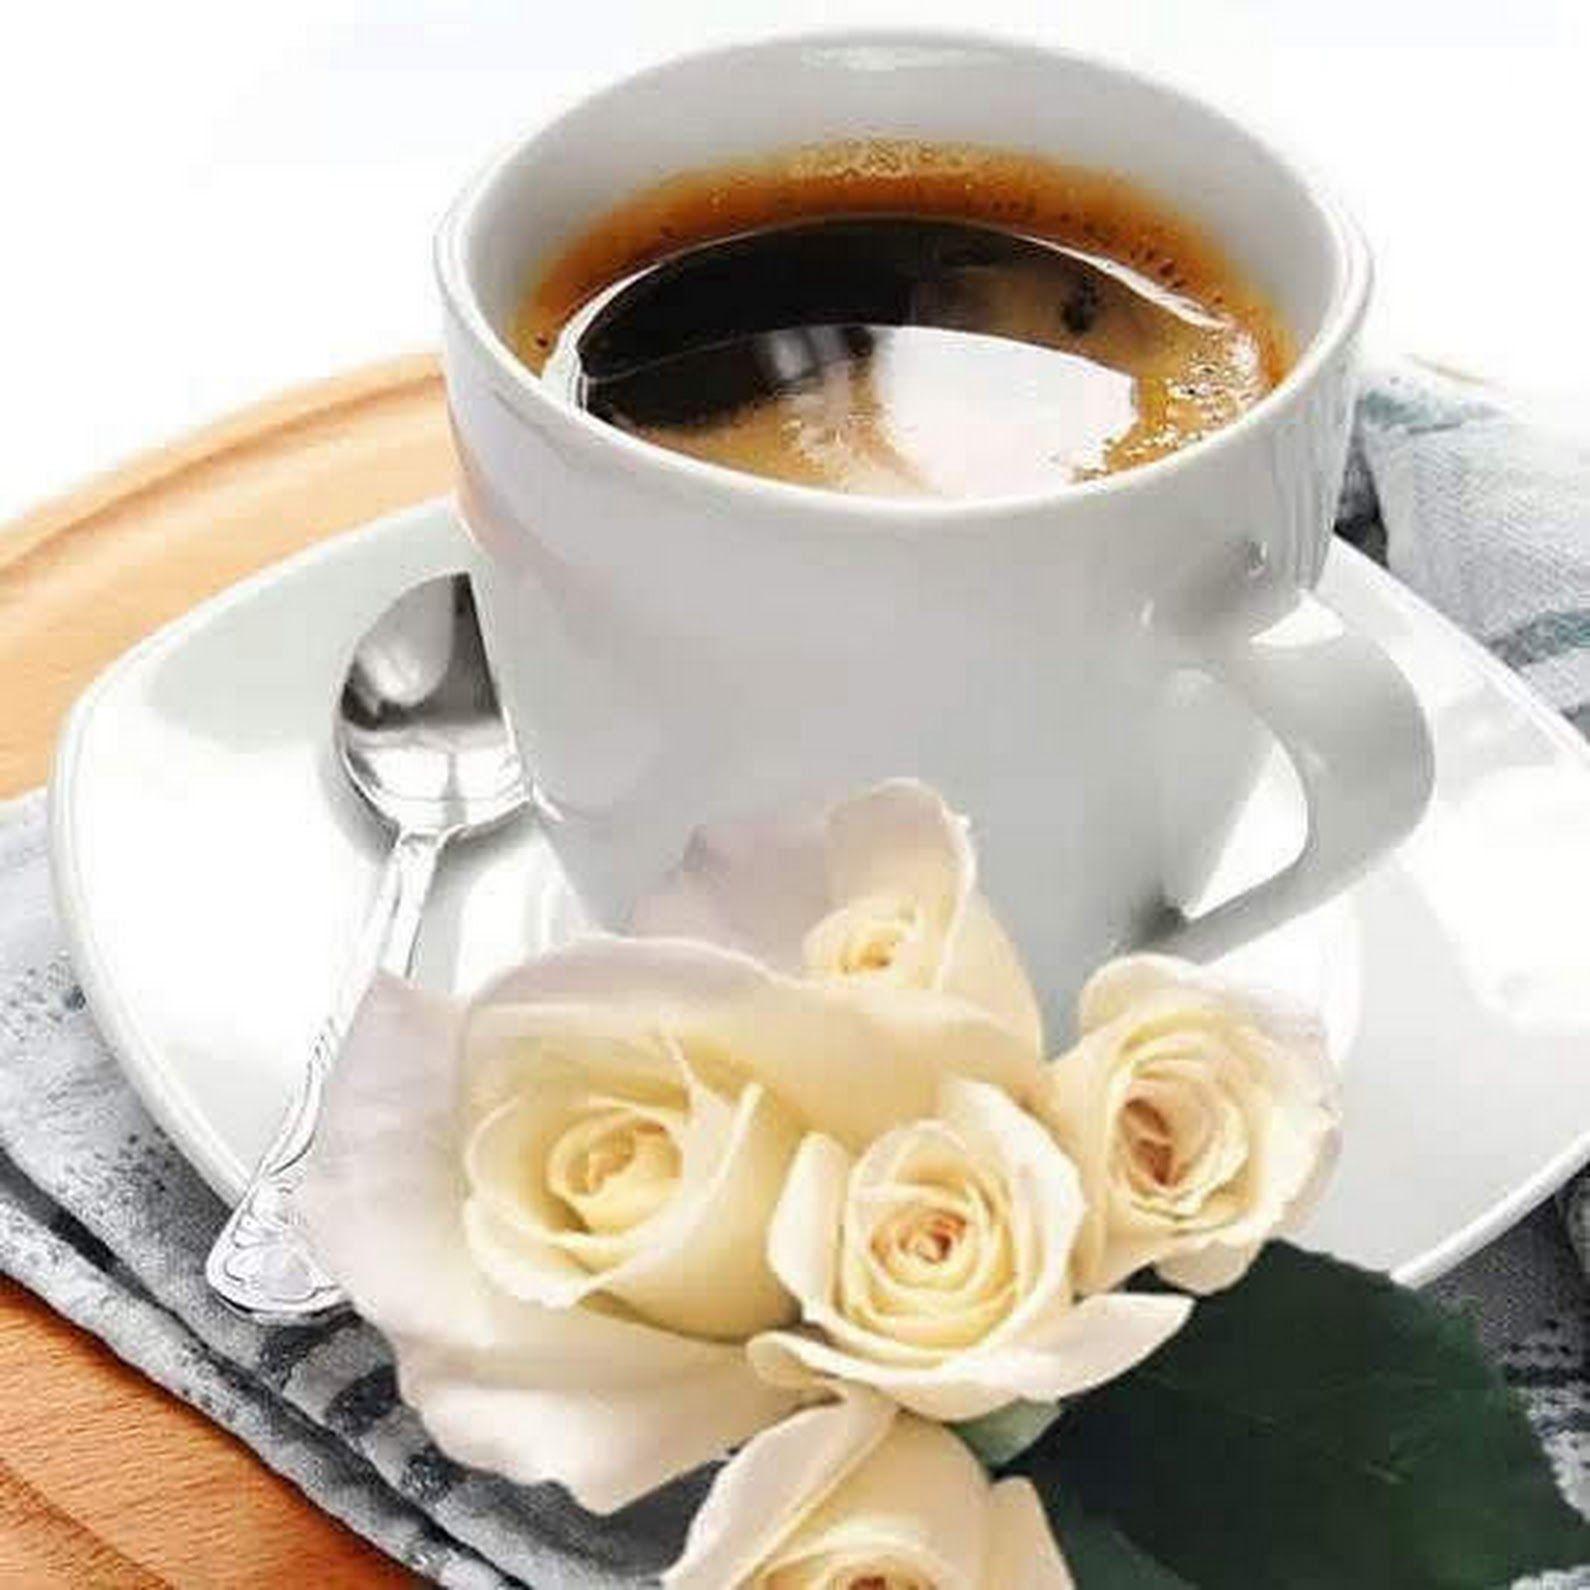 картинка фото кофе для любимой засчитали, аргентинцы прошли